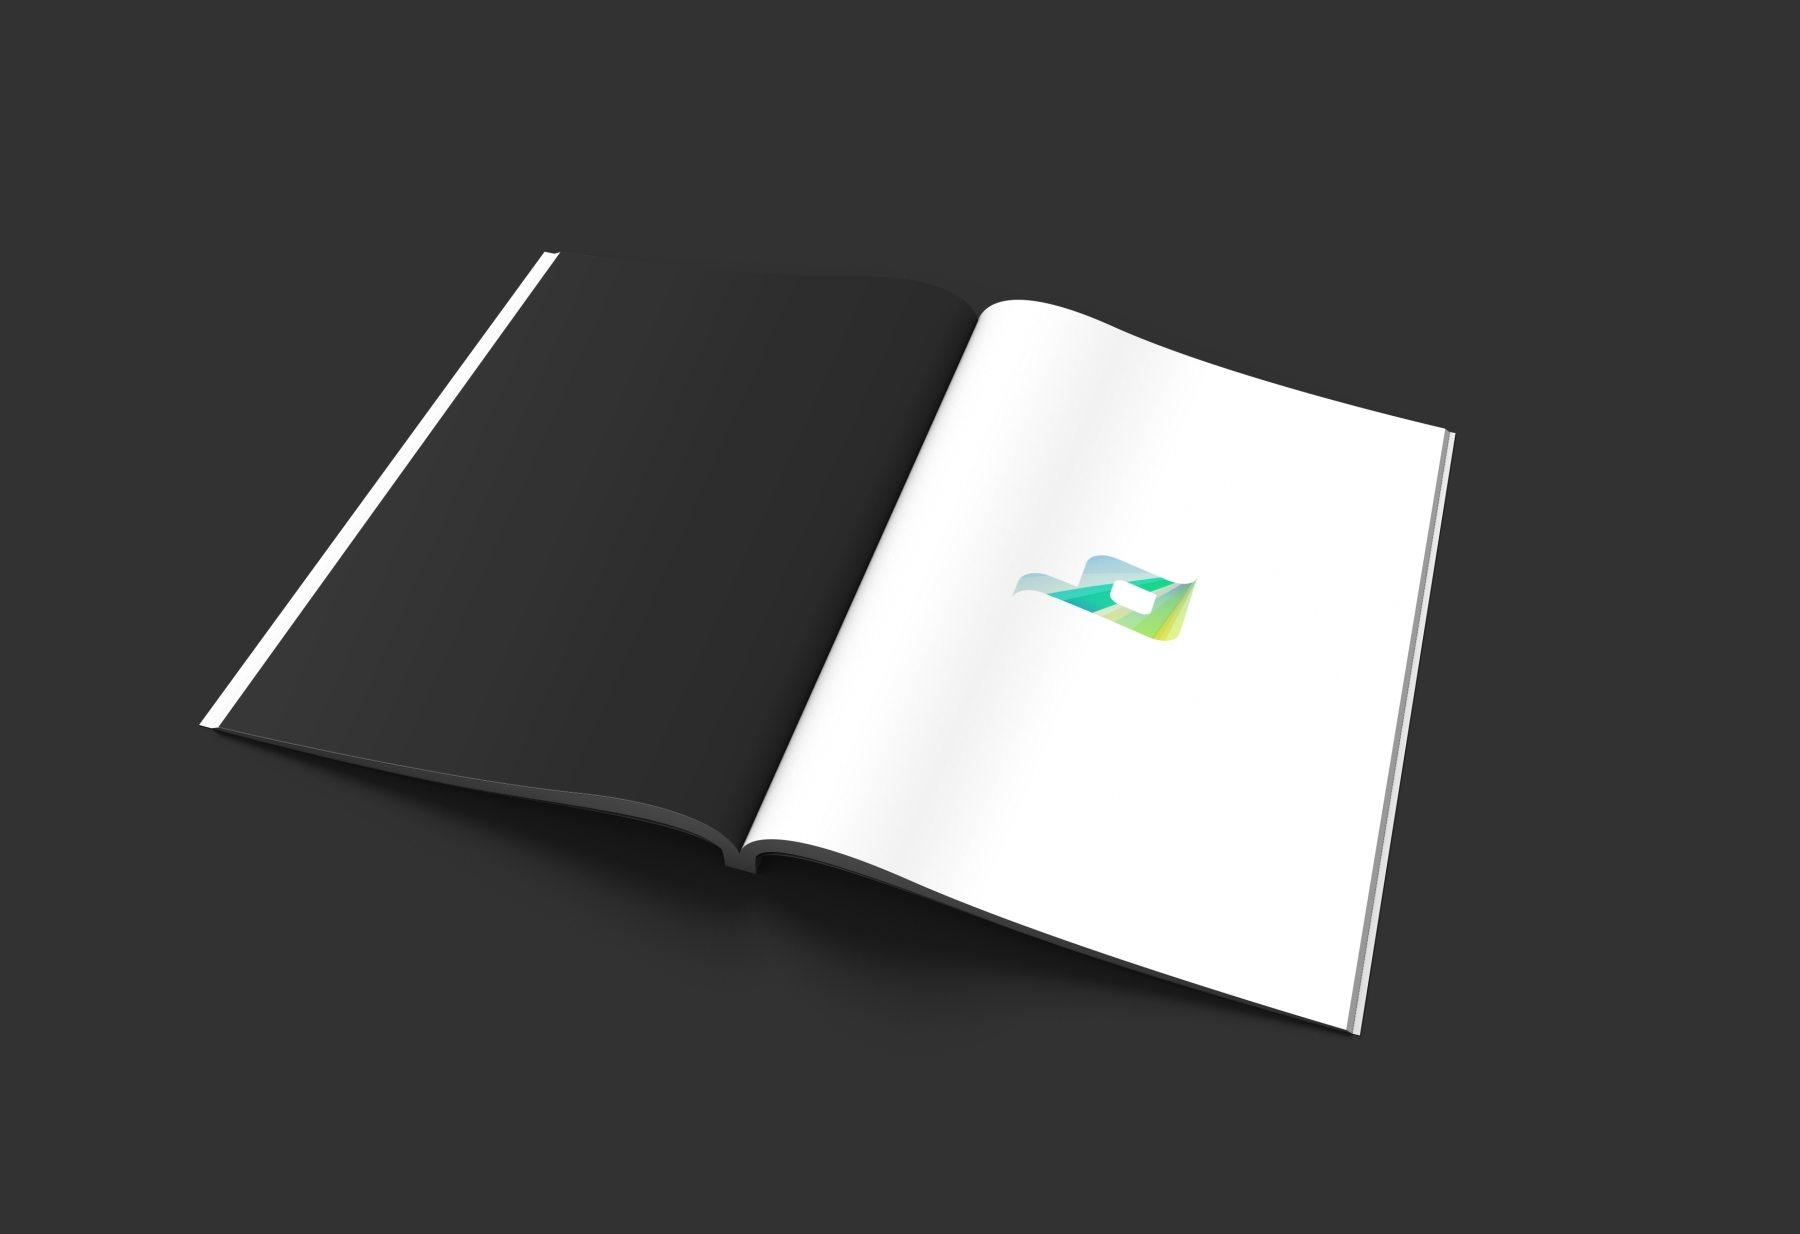 1568982953 a98860727e0caae - 黑色大气企业vi样机杂志书籍画册样机